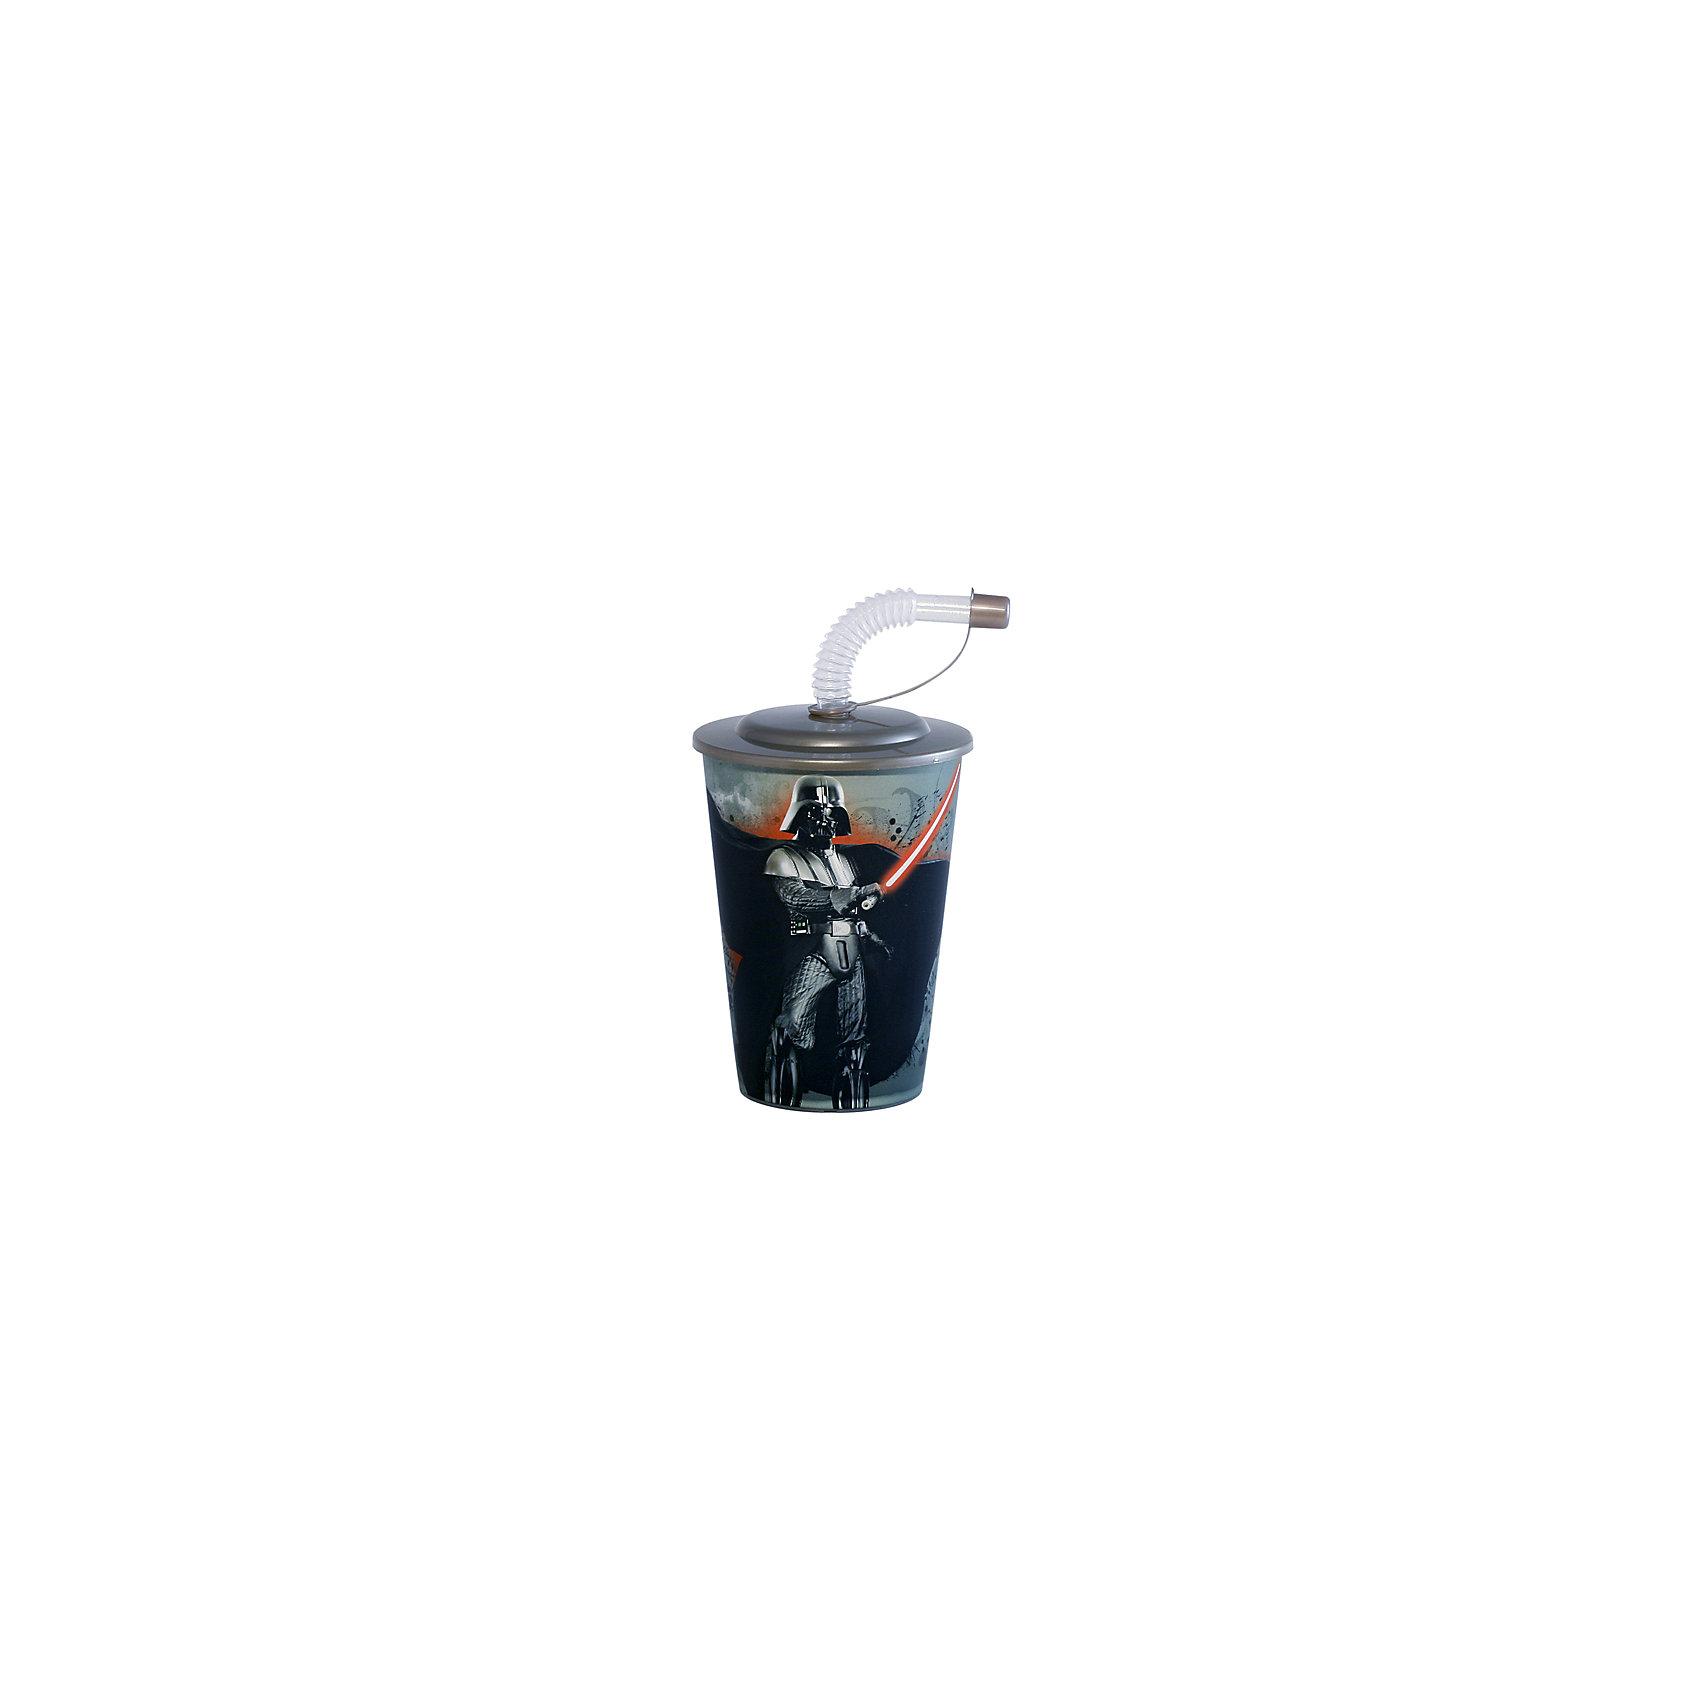 Бокал Дарт Вейдер 450 мл, Звездные ВойныЗвездные войны Детская комната и посуда<br>Характеристики товара:<br><br>• цвет: серый/черный<br>• материал: пластик<br>• размер упаковки: 10x10x17 см<br>• объем: 450 мл<br>• вес: 50 г<br>• комплектация: бокал с крышкой и трубочкой<br>• с рисунком<br><br>Такой бокал станет отличным подарком для ребенка! Он отличается тем, что на бокале изображен герой из фильма Звездные войны. Пить из предметов с любимыми героями многих современных детей - всегда приятнее. Бокал очень удобен, объем оптимален для детей. Плюс - изделие дополнено специальной крышкой и трубочкой. Использовать его можно и дома, и в школе, и на улице!<br>Бокал выпущен в удобном формате, размер - универсальный. Изделие производится из качественных и проверенных материалов, которые безопасны для детей.<br><br>Бокал Дарт Вейдер 450 мл, Звездные Войны, можно купить в нашем интернет-магазине.<br><br>Ширина мм: 90<br>Глубина мм: 90<br>Высота мм: 170<br>Вес г: 50<br>Возраст от месяцев: 36<br>Возраст до месяцев: 120<br>Пол: Мужской<br>Возраст: Детский<br>SKU: 5220411